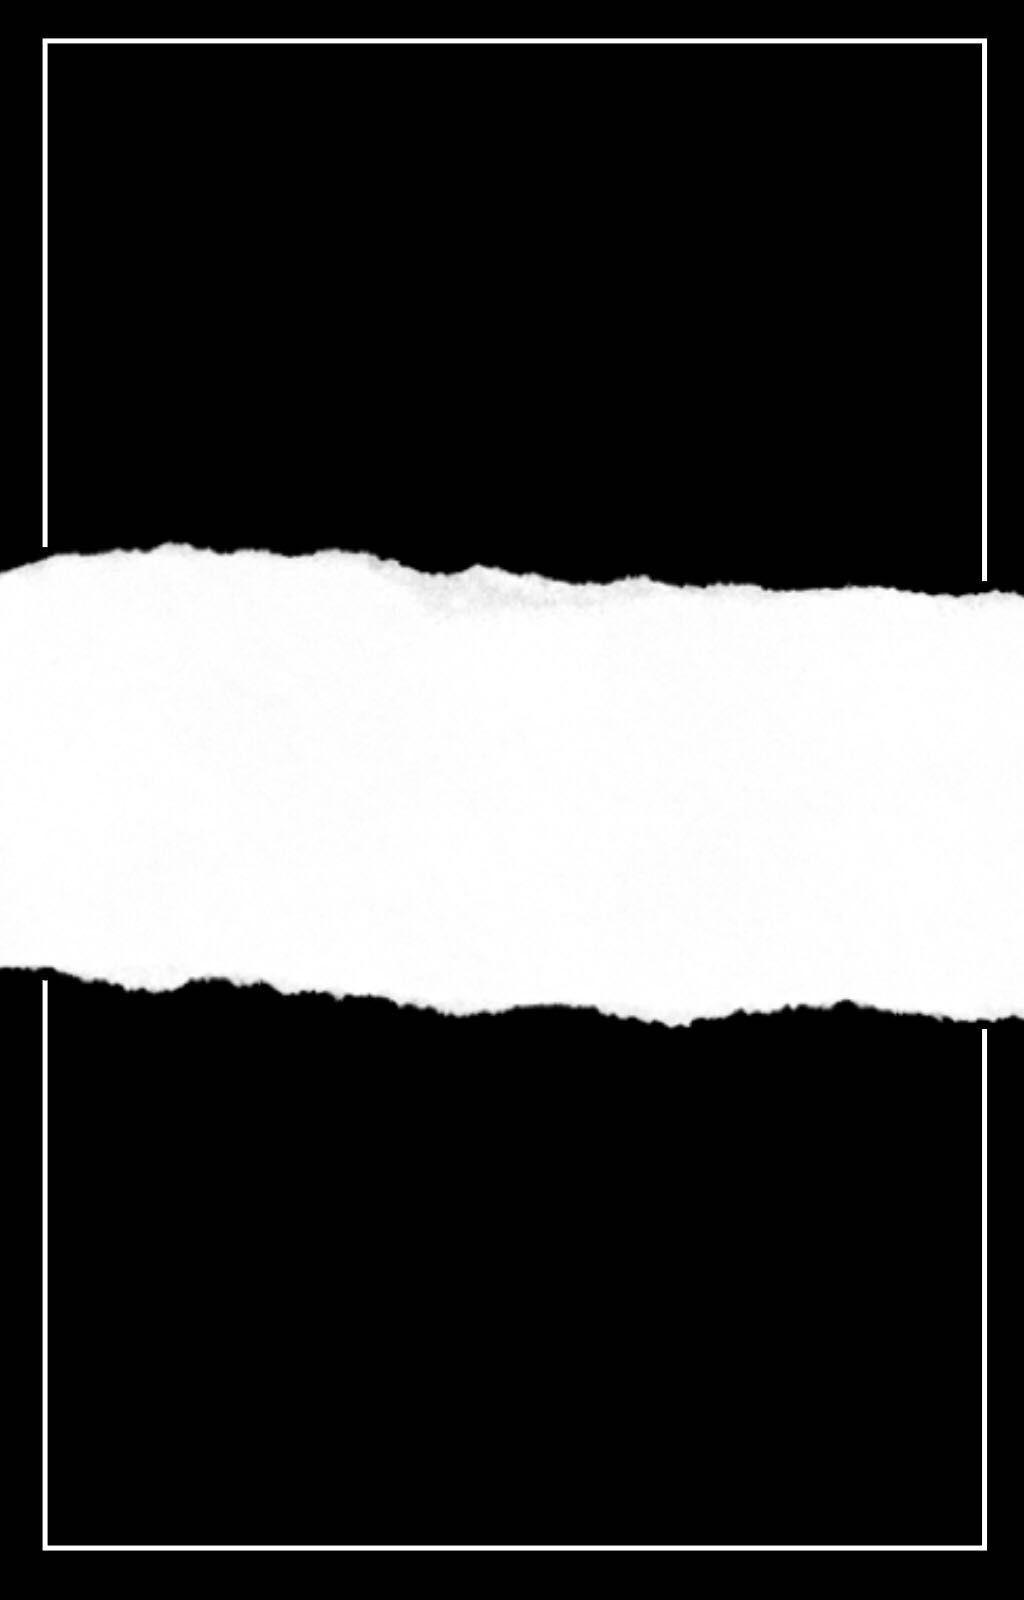 Kapak Tasarımı – Yardımcı Malzemeler / İstek AÇIK!